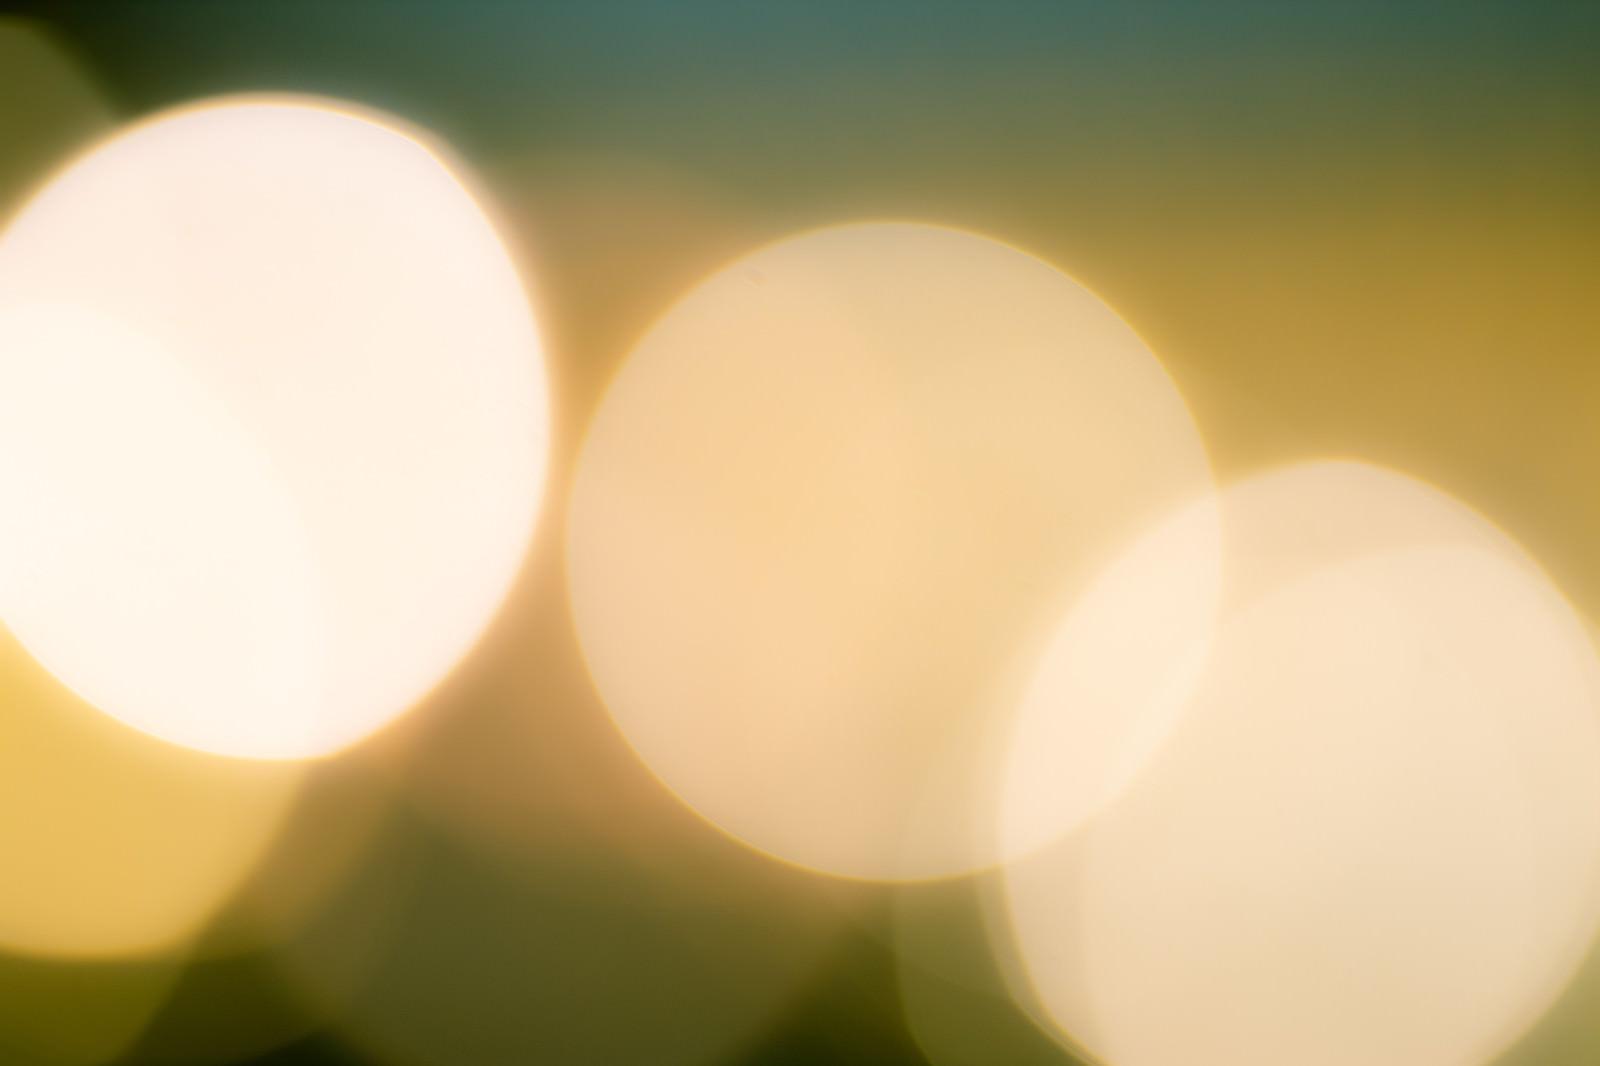 「大きく映り込む丸ボケの光」の写真